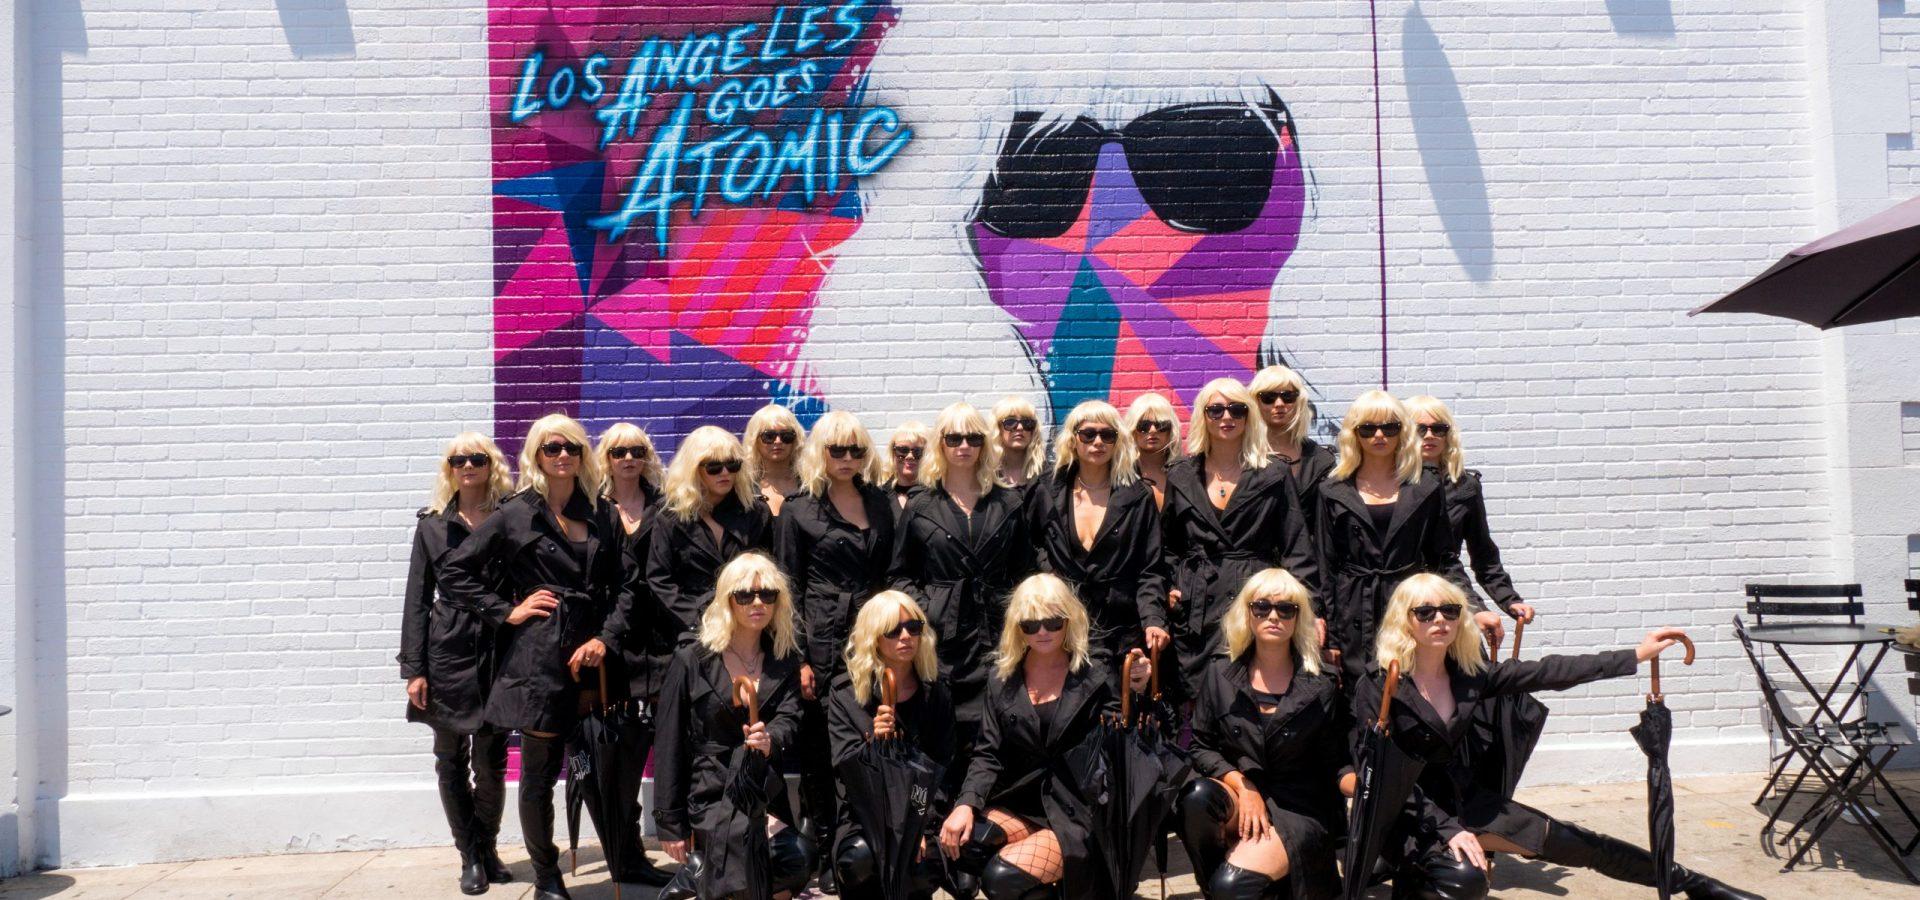 Atomic Blonde Street Team Los Angeles